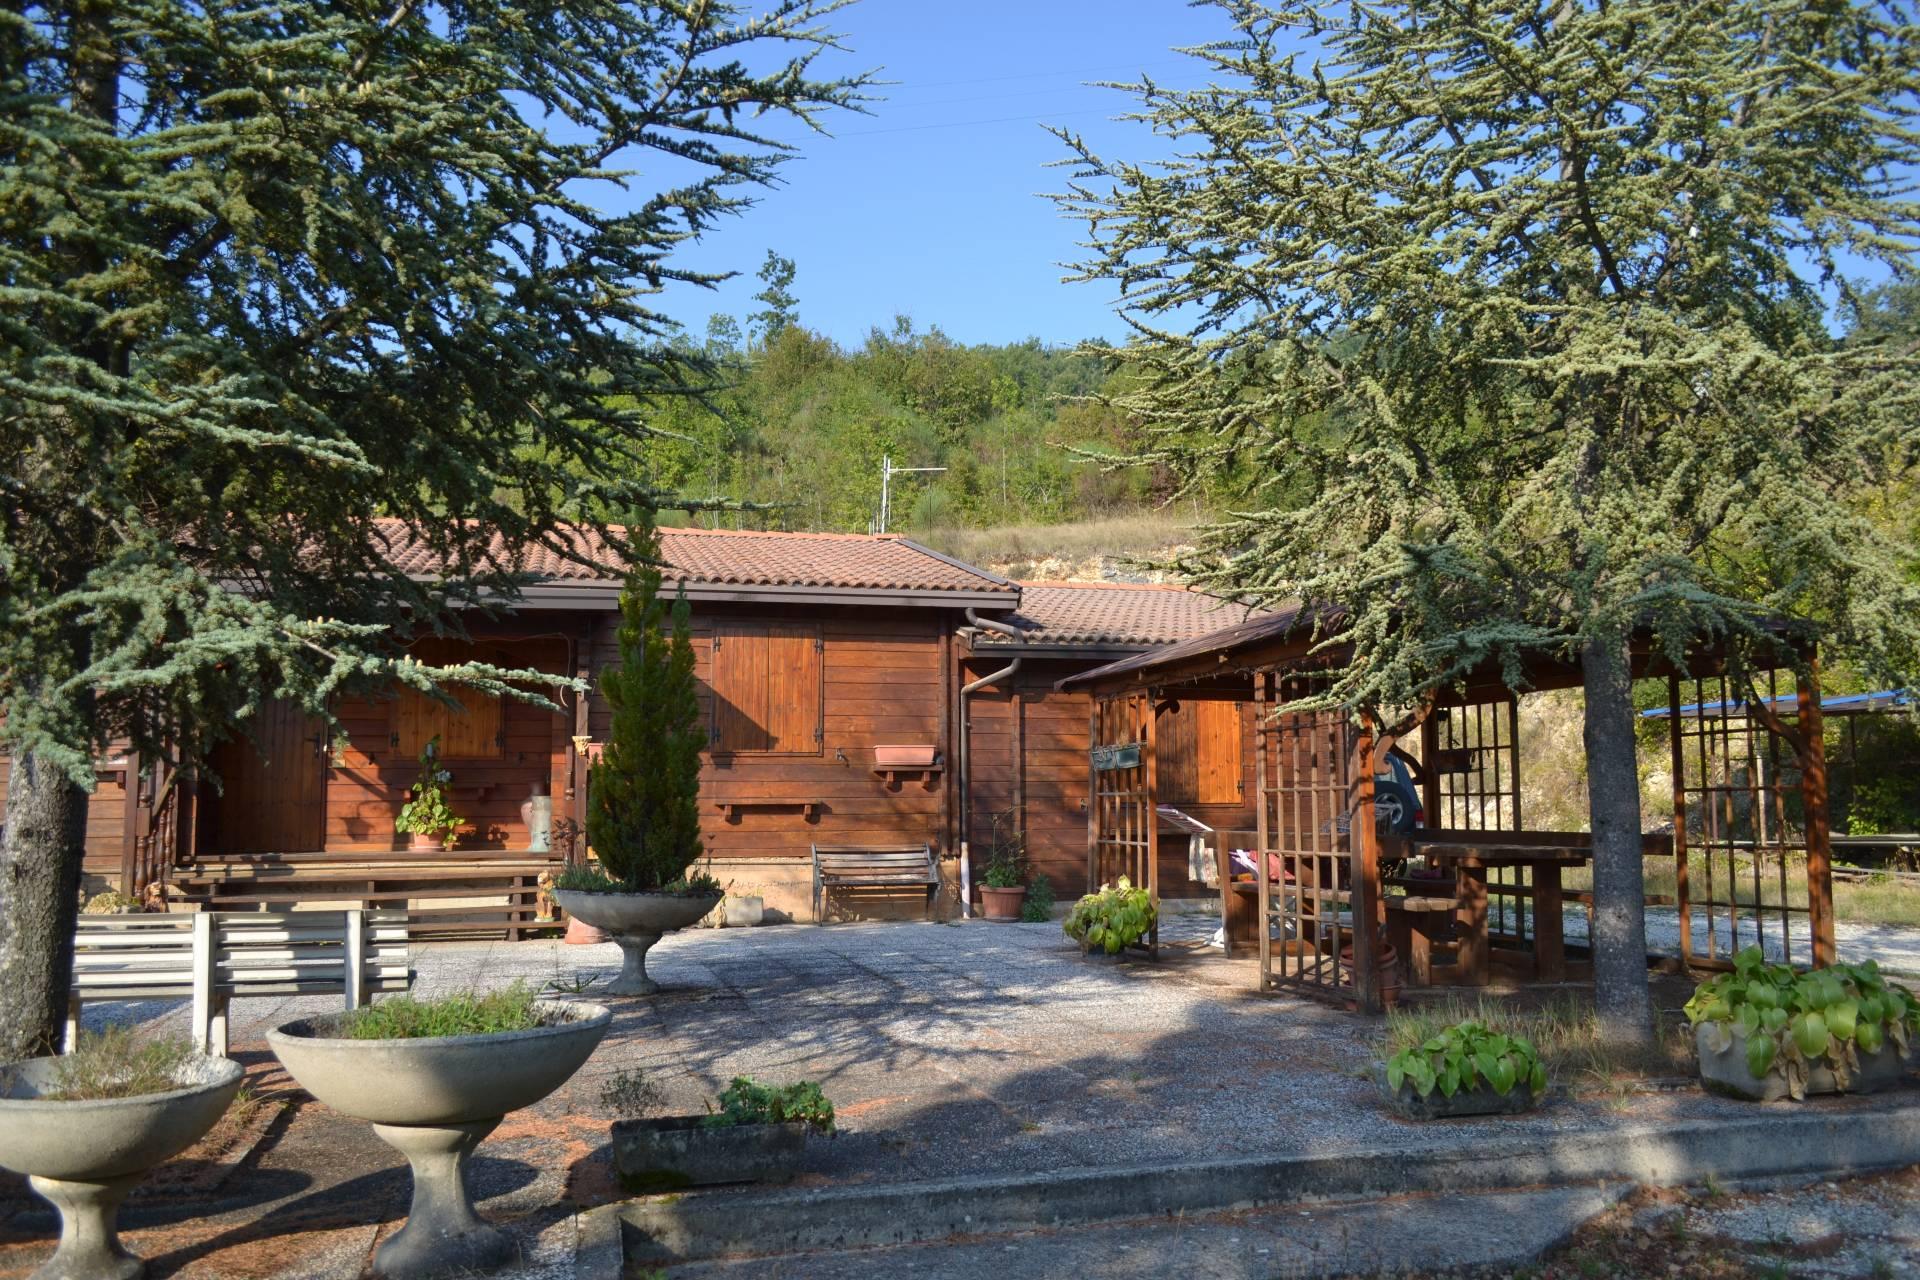 Soluzione Indipendente in vendita a Sellano, 7 locali, zona Zona: Villamaggina, prezzo € 75.000 | Cambio Casa.it